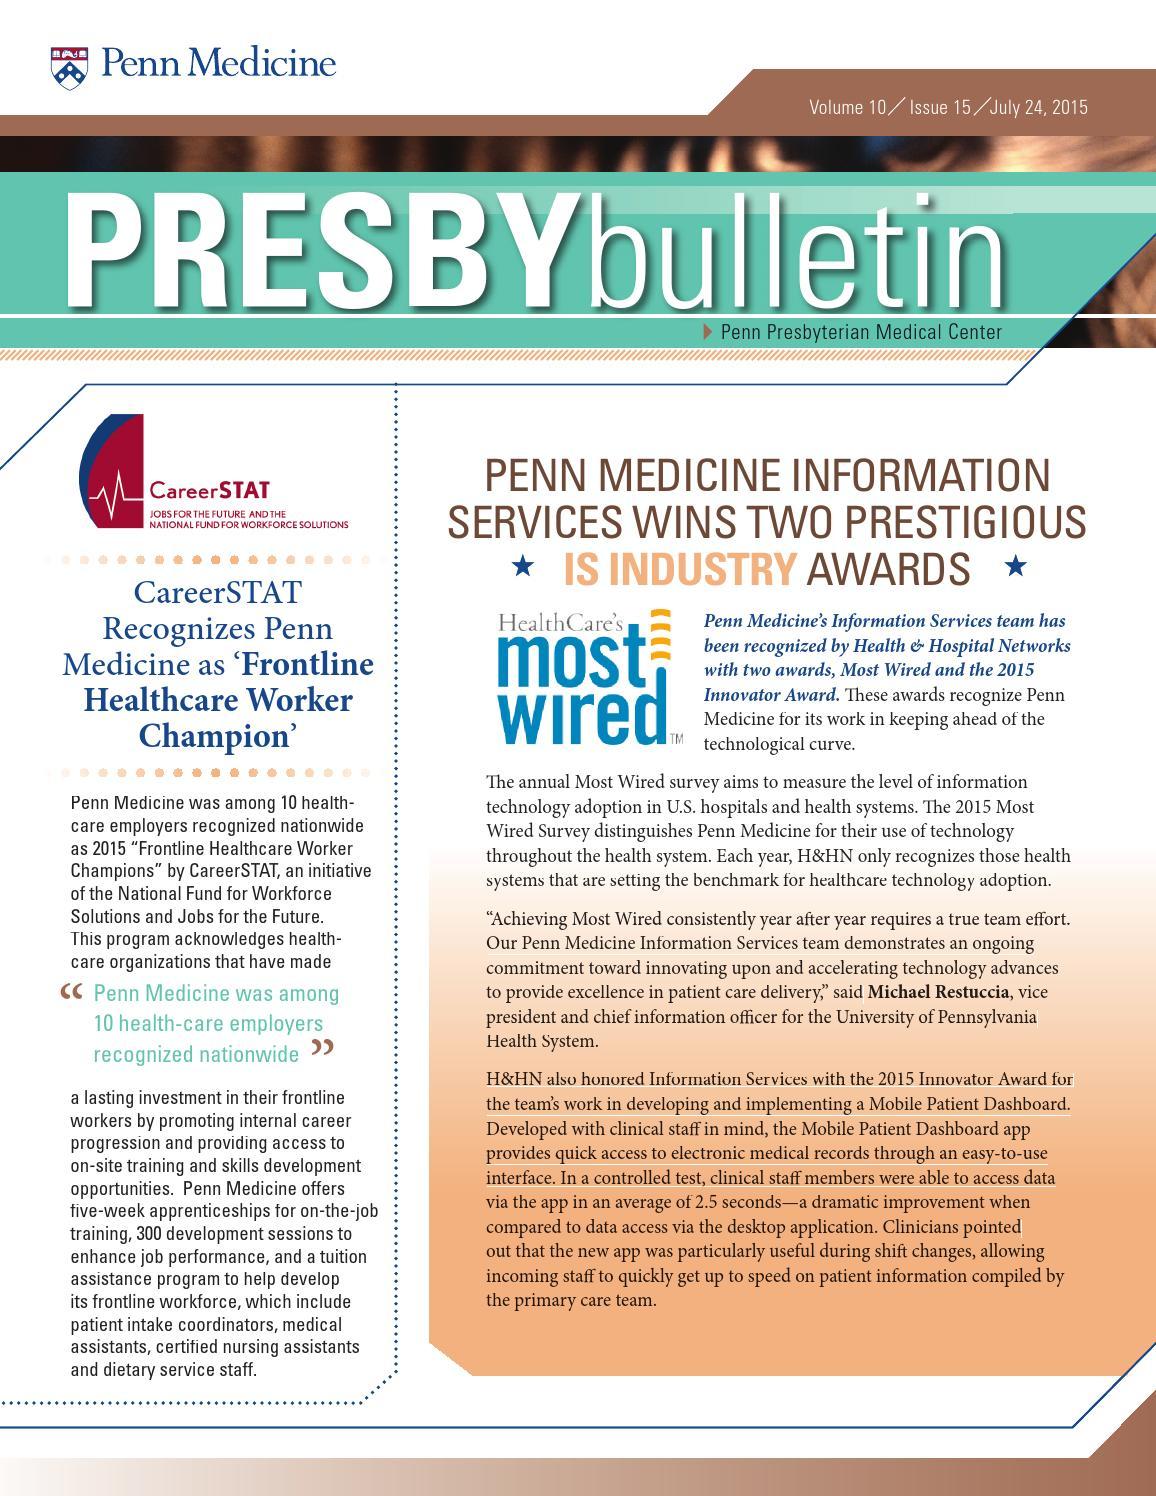 Digital Edition of Presby Bulletin - 7/24/2015 by Penn Medicine - issuu